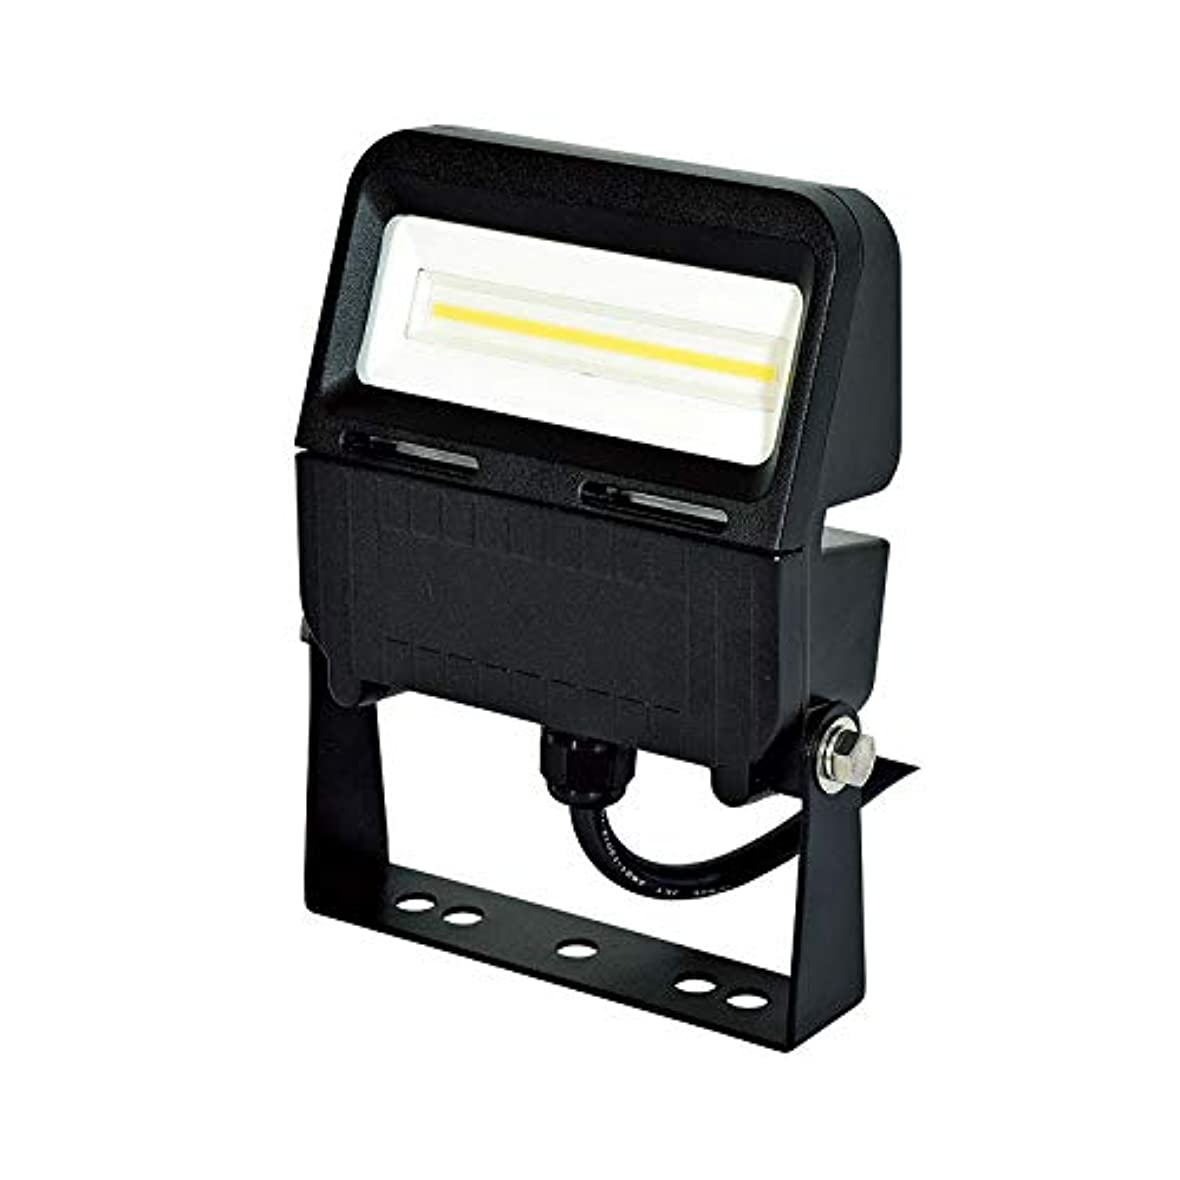 モンキー周り治す日動工業 LED投光器 フラットライト20W 常設用 水銀灯100W相当 昼白色 ワイドタイプ ブラック LJS-F20D-BK-50K